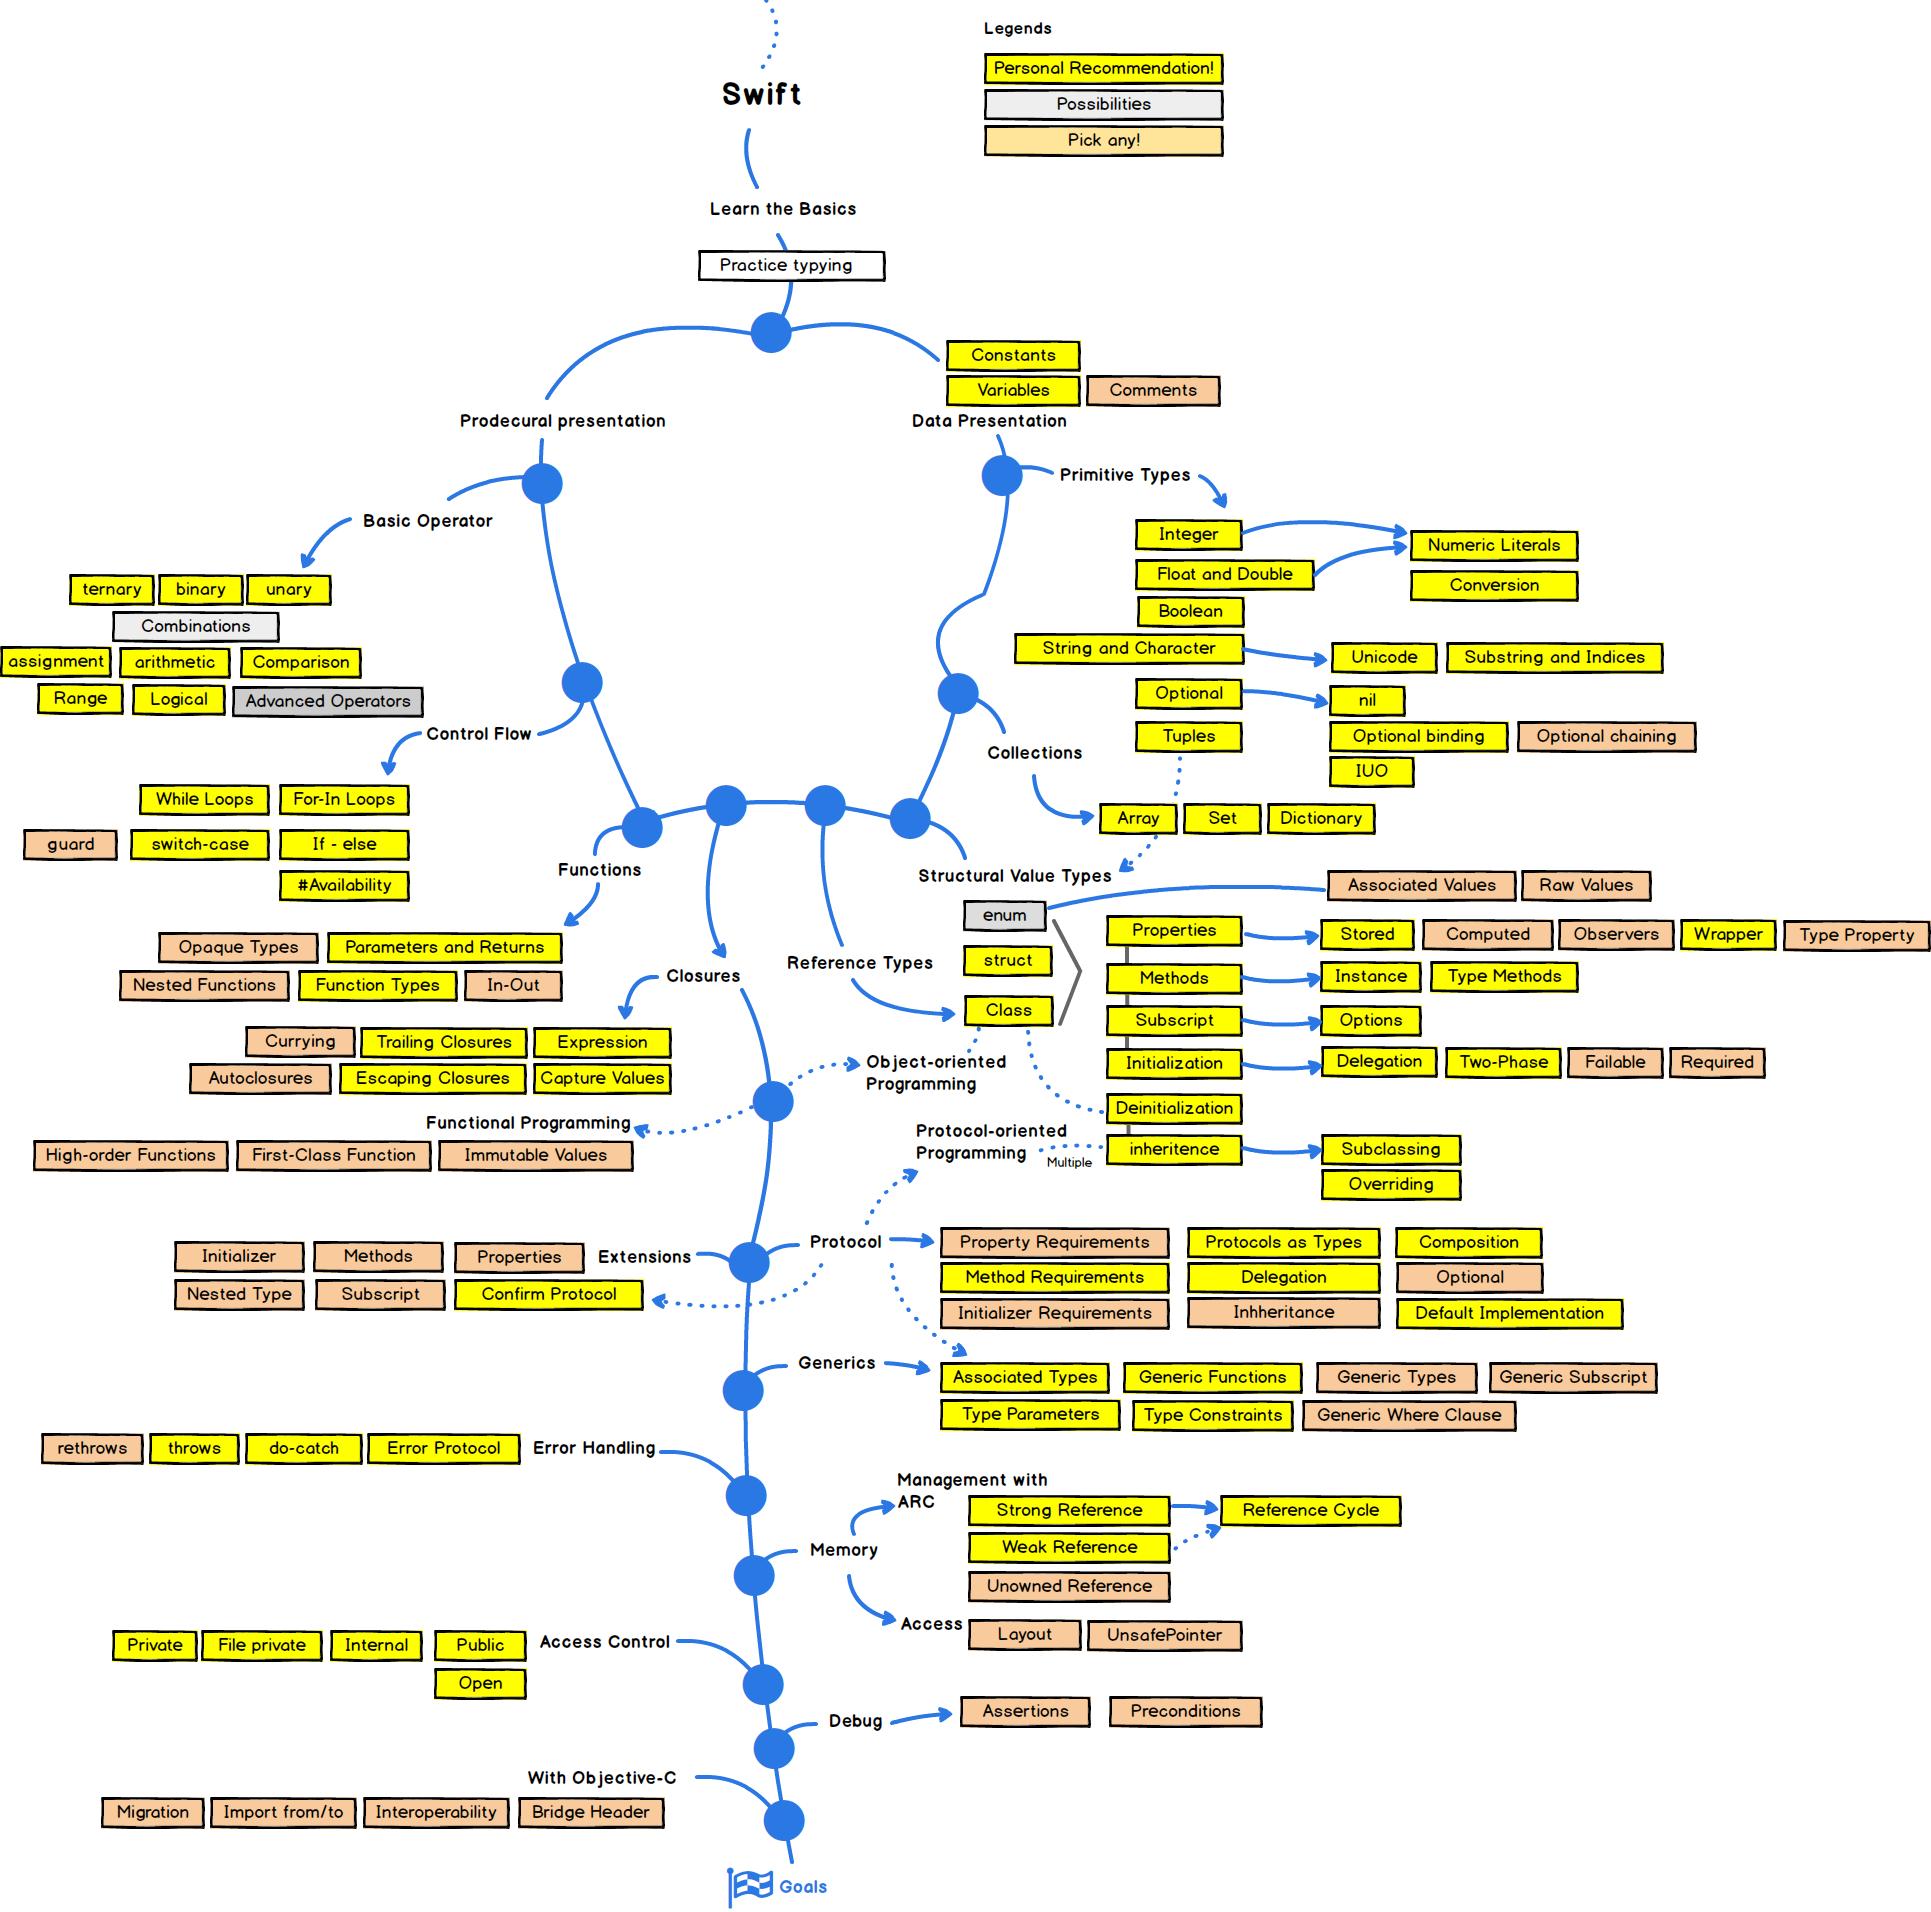 2021 Swift Developer Roadmap